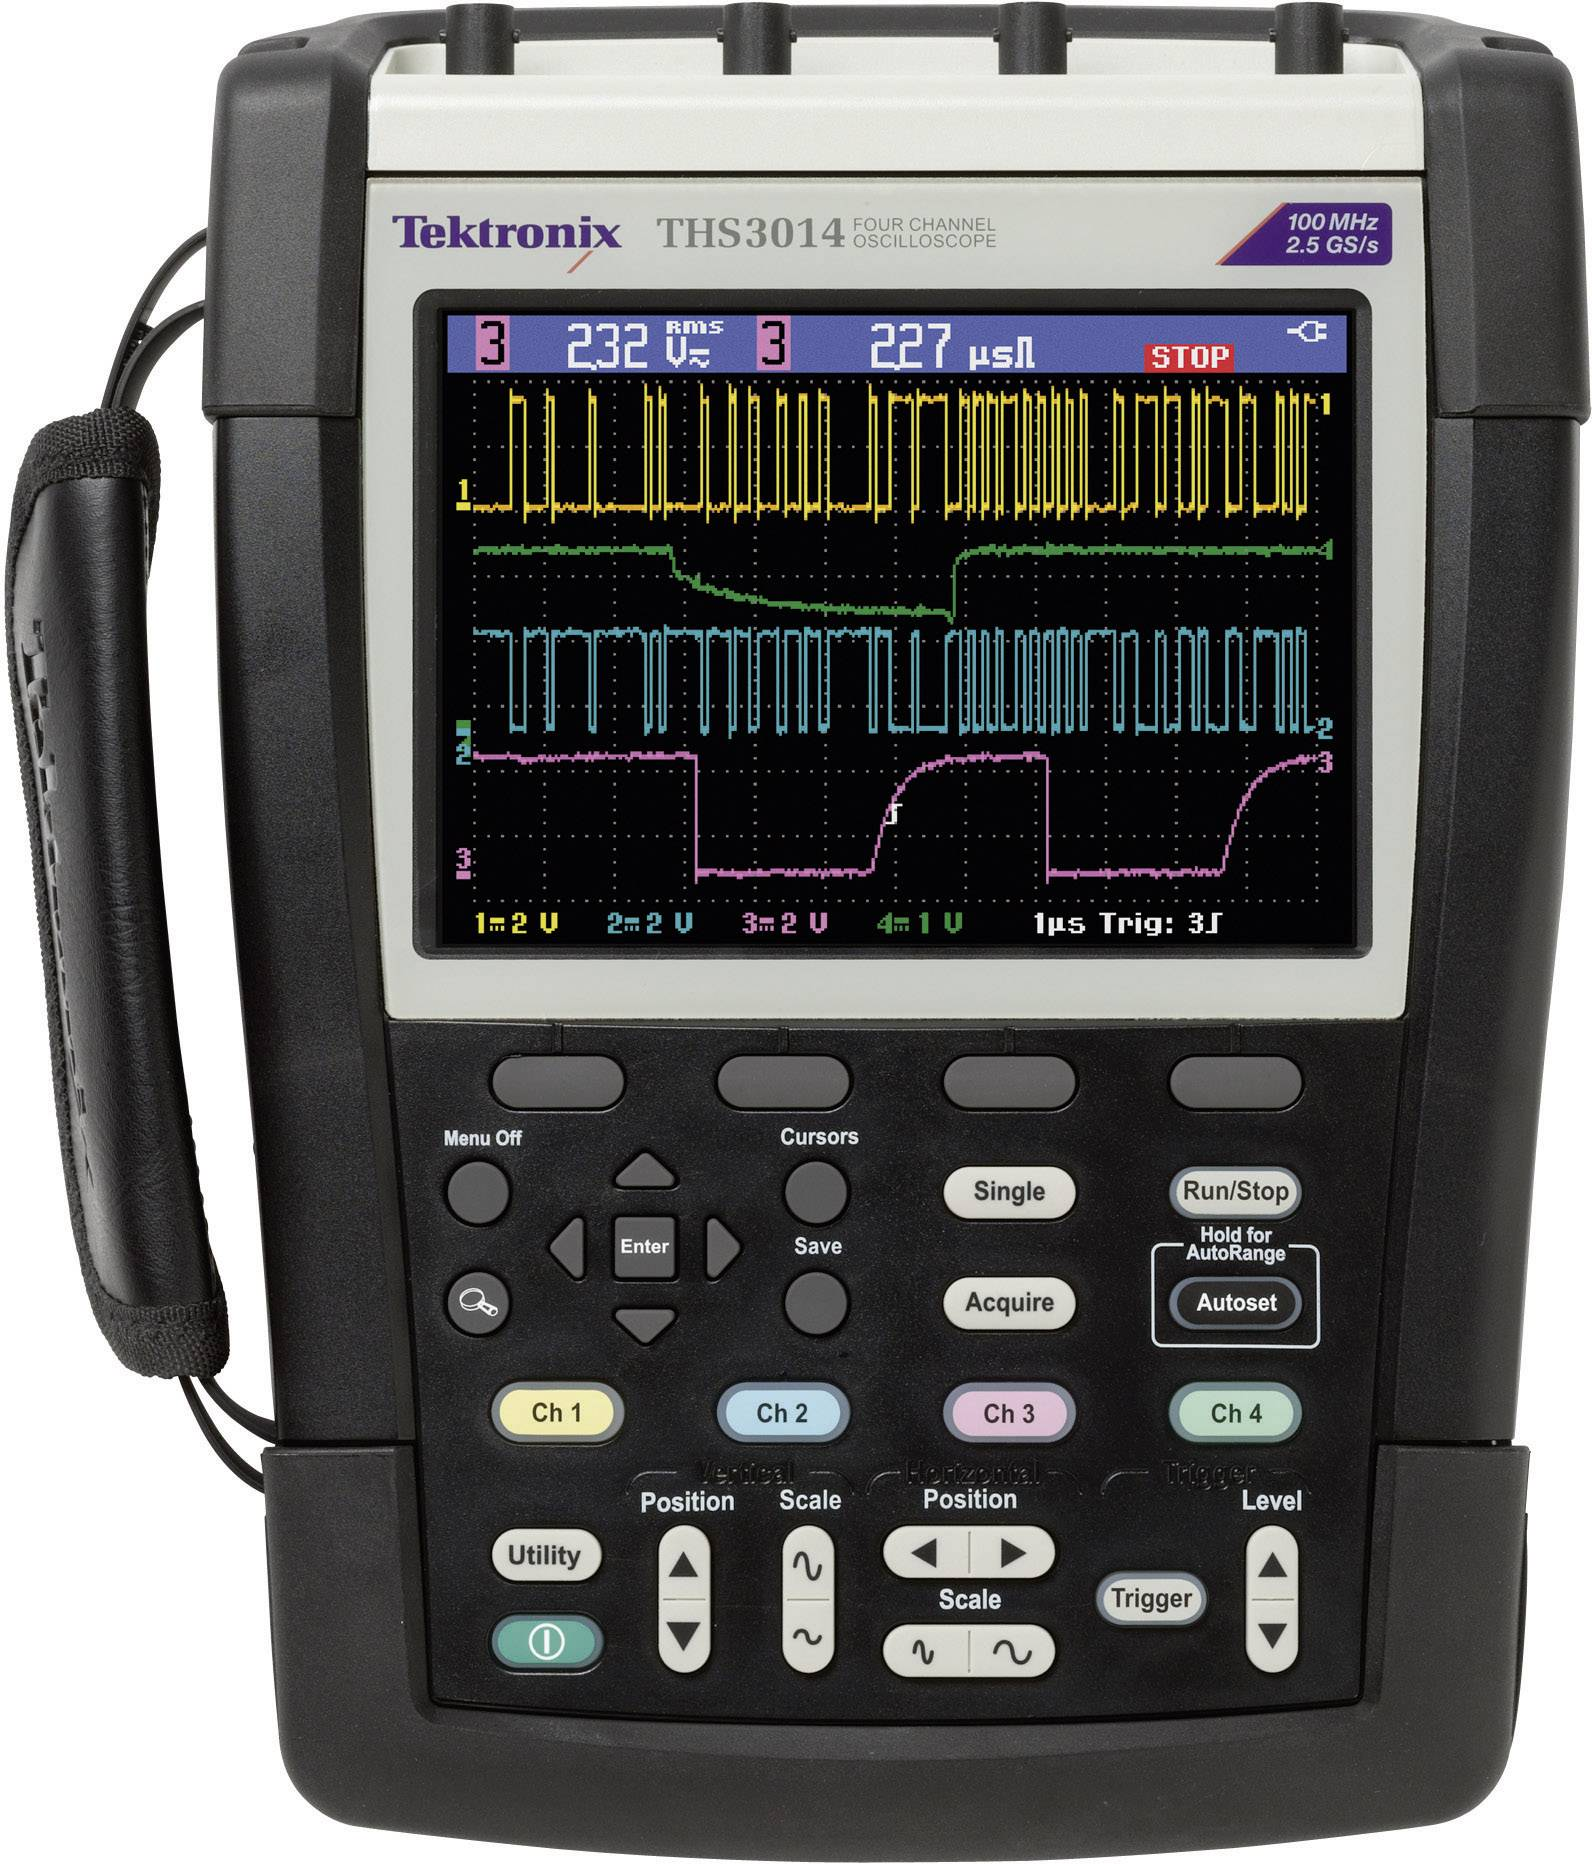 Ručný osciloskop Tektronix THS3014-TK, 100 MHz, 4-kanálový